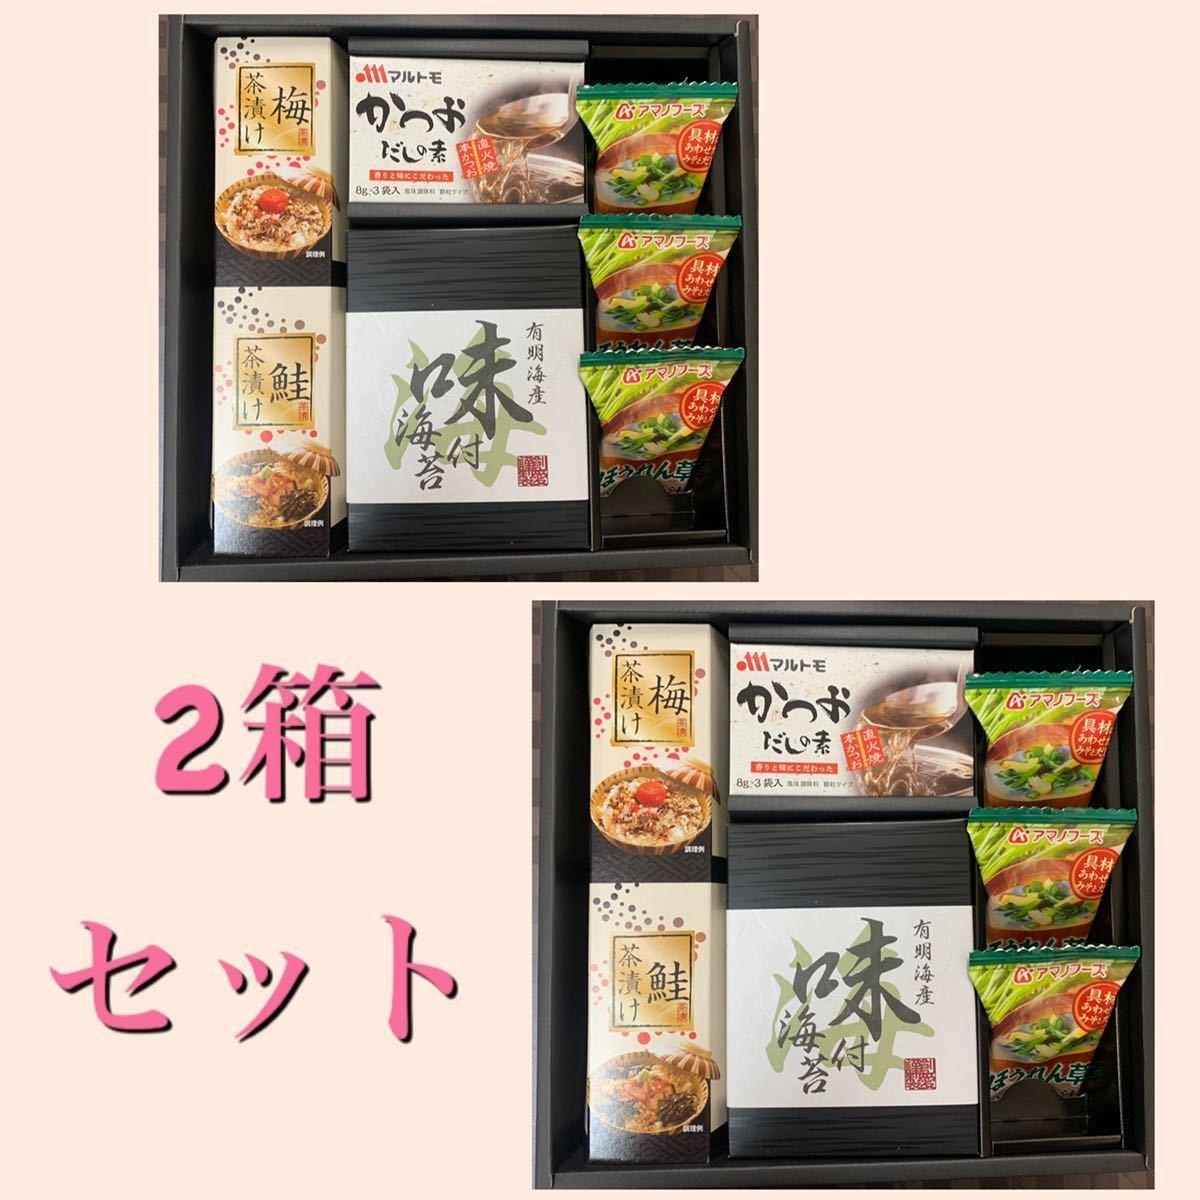 1円スタート!超お買い得☆アマノフーズ・和食詰め合わせ2箱セット!(定価3240円)_画像1